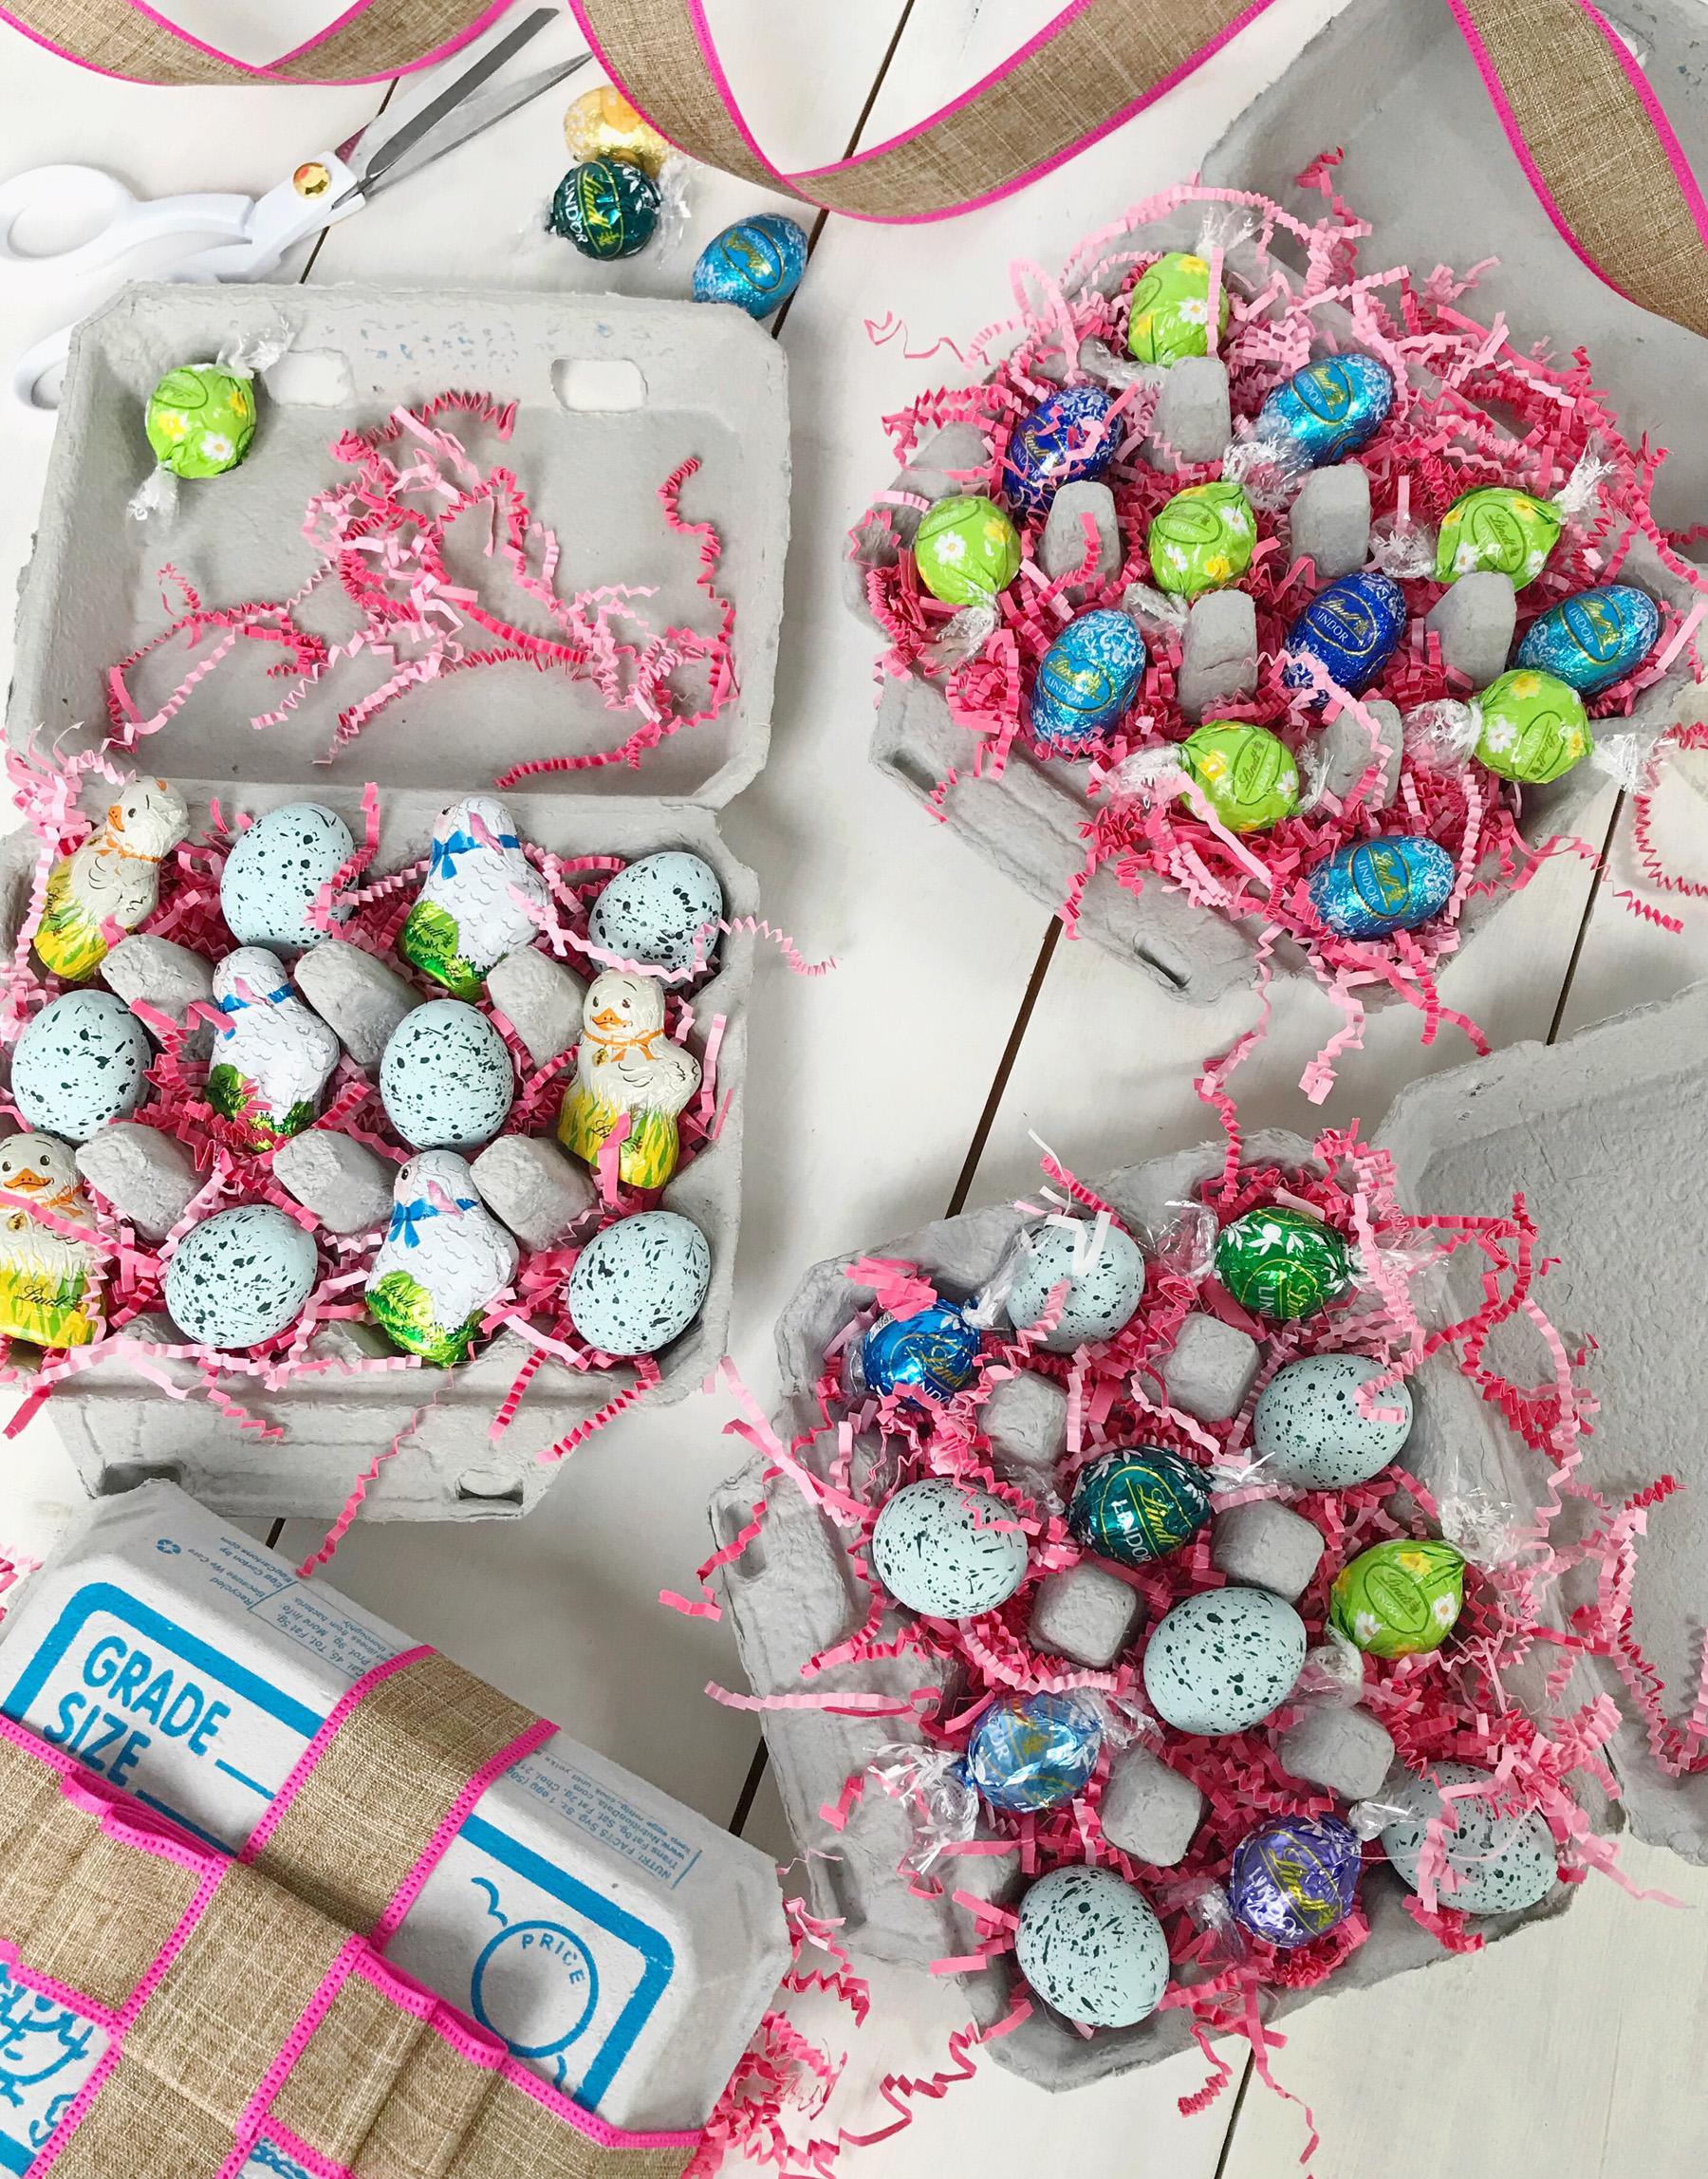 Easter egg crate hostess gift 5 domestikatedlife easter egg crate hostess gift 5 negle Images